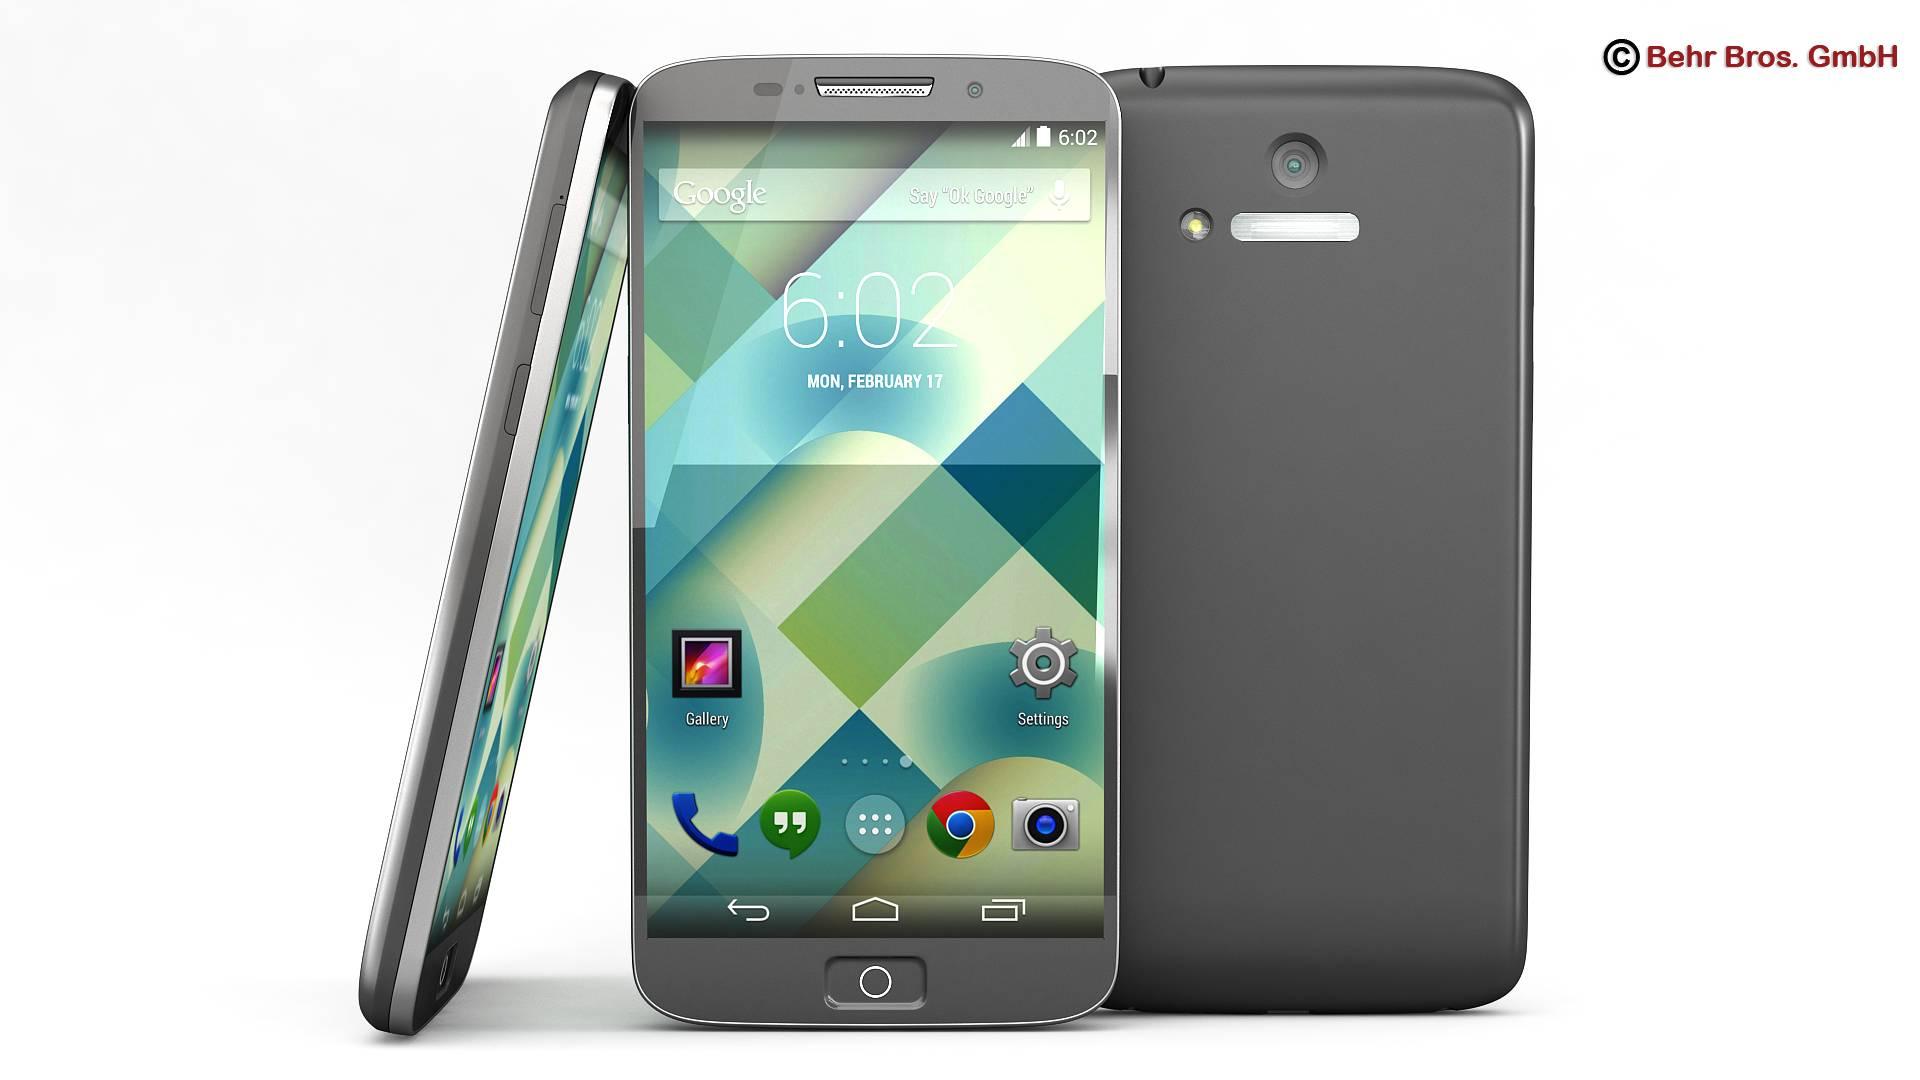 Generic Smartphone 5.2 Inch 3d model 3ds max fbx c4d lwo lws lw ma mb obj 161646